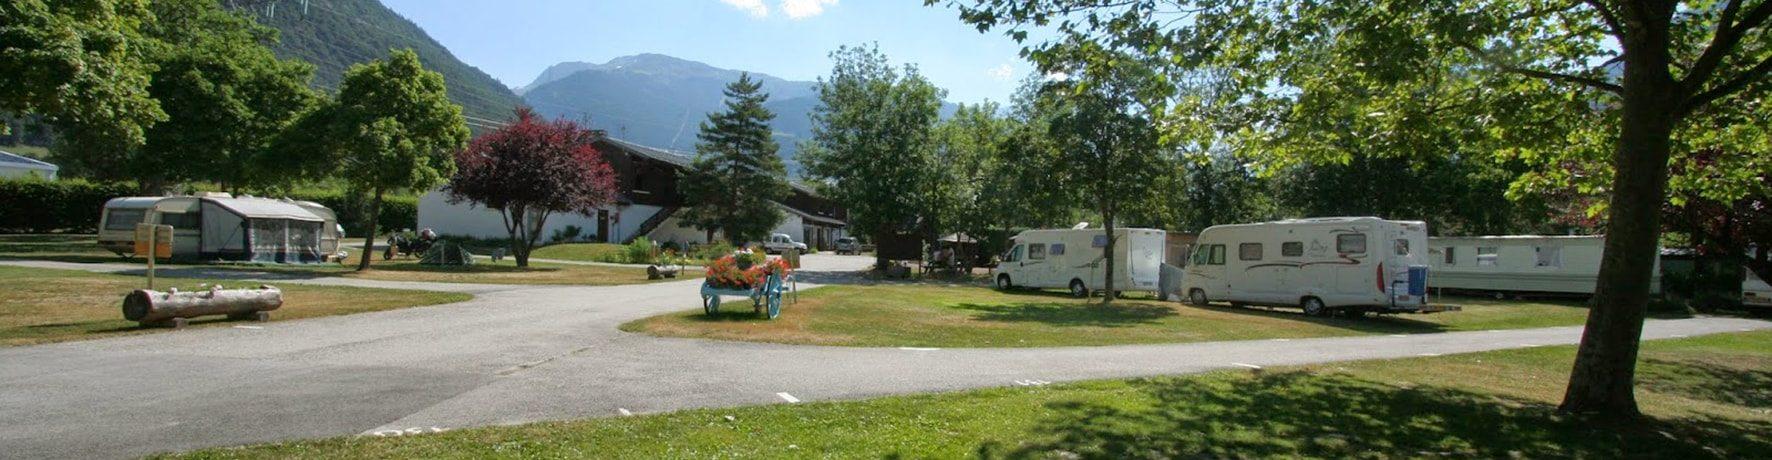 Camping Huttopia Bourg-Saint-Maurice in Bourg-Saint-Maurice is een natuurcamping in Auvergne-Rhône-Alpes gelegen in de bergen midden in de Savoie.